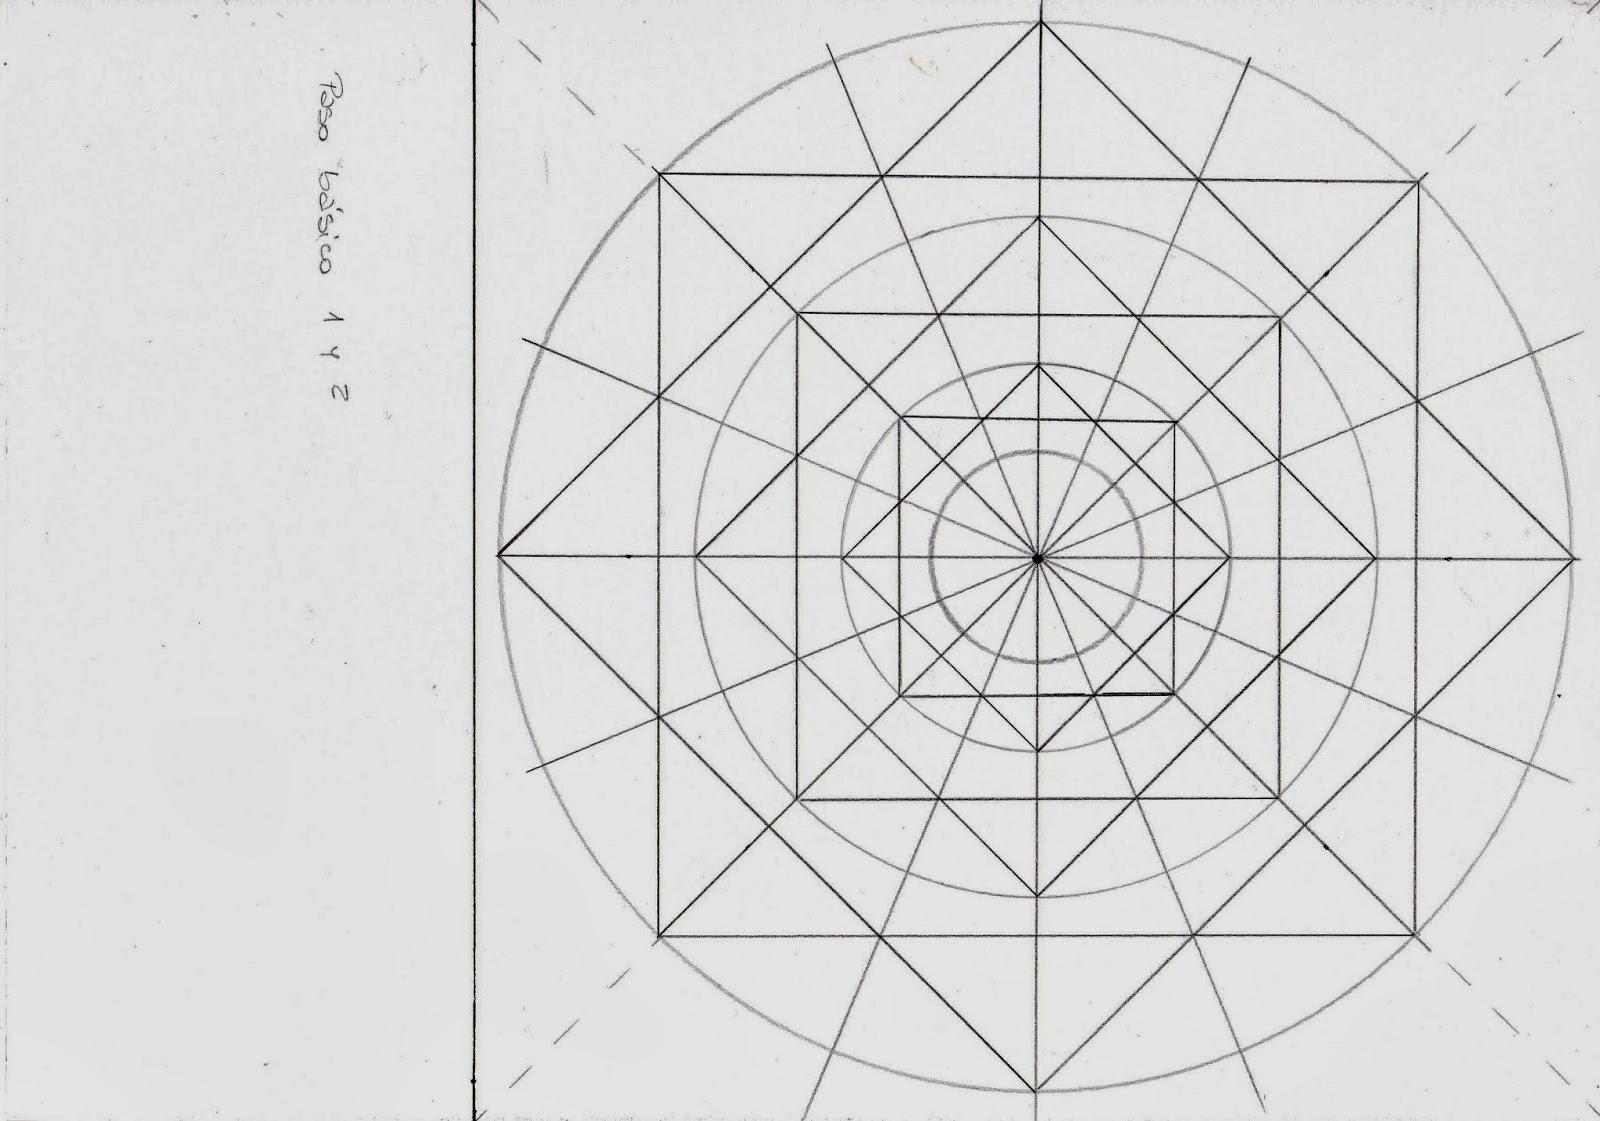 Dibujo De Mandala 11 Para Pintar Y Colorear En Línea: Mandalas: Cómo Dibujarlos Paso A Paso